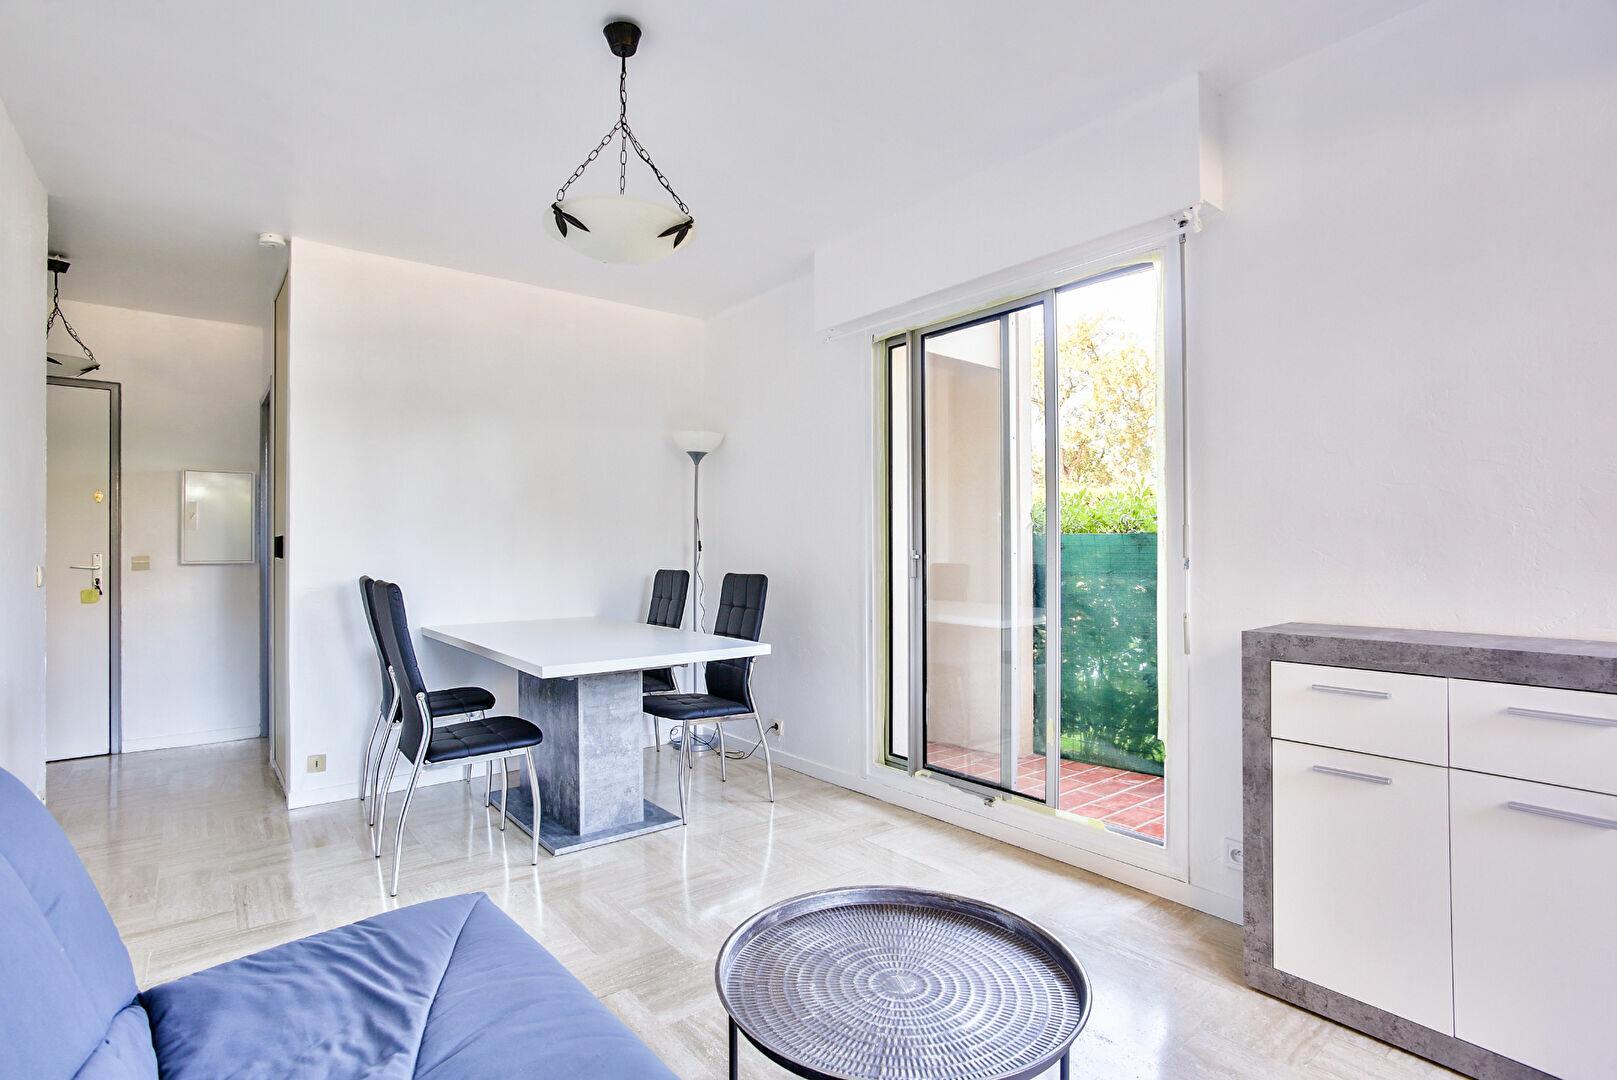 Appartement à louer 2 34.11m2 à Mandelieu-la-Napoule vignette-3